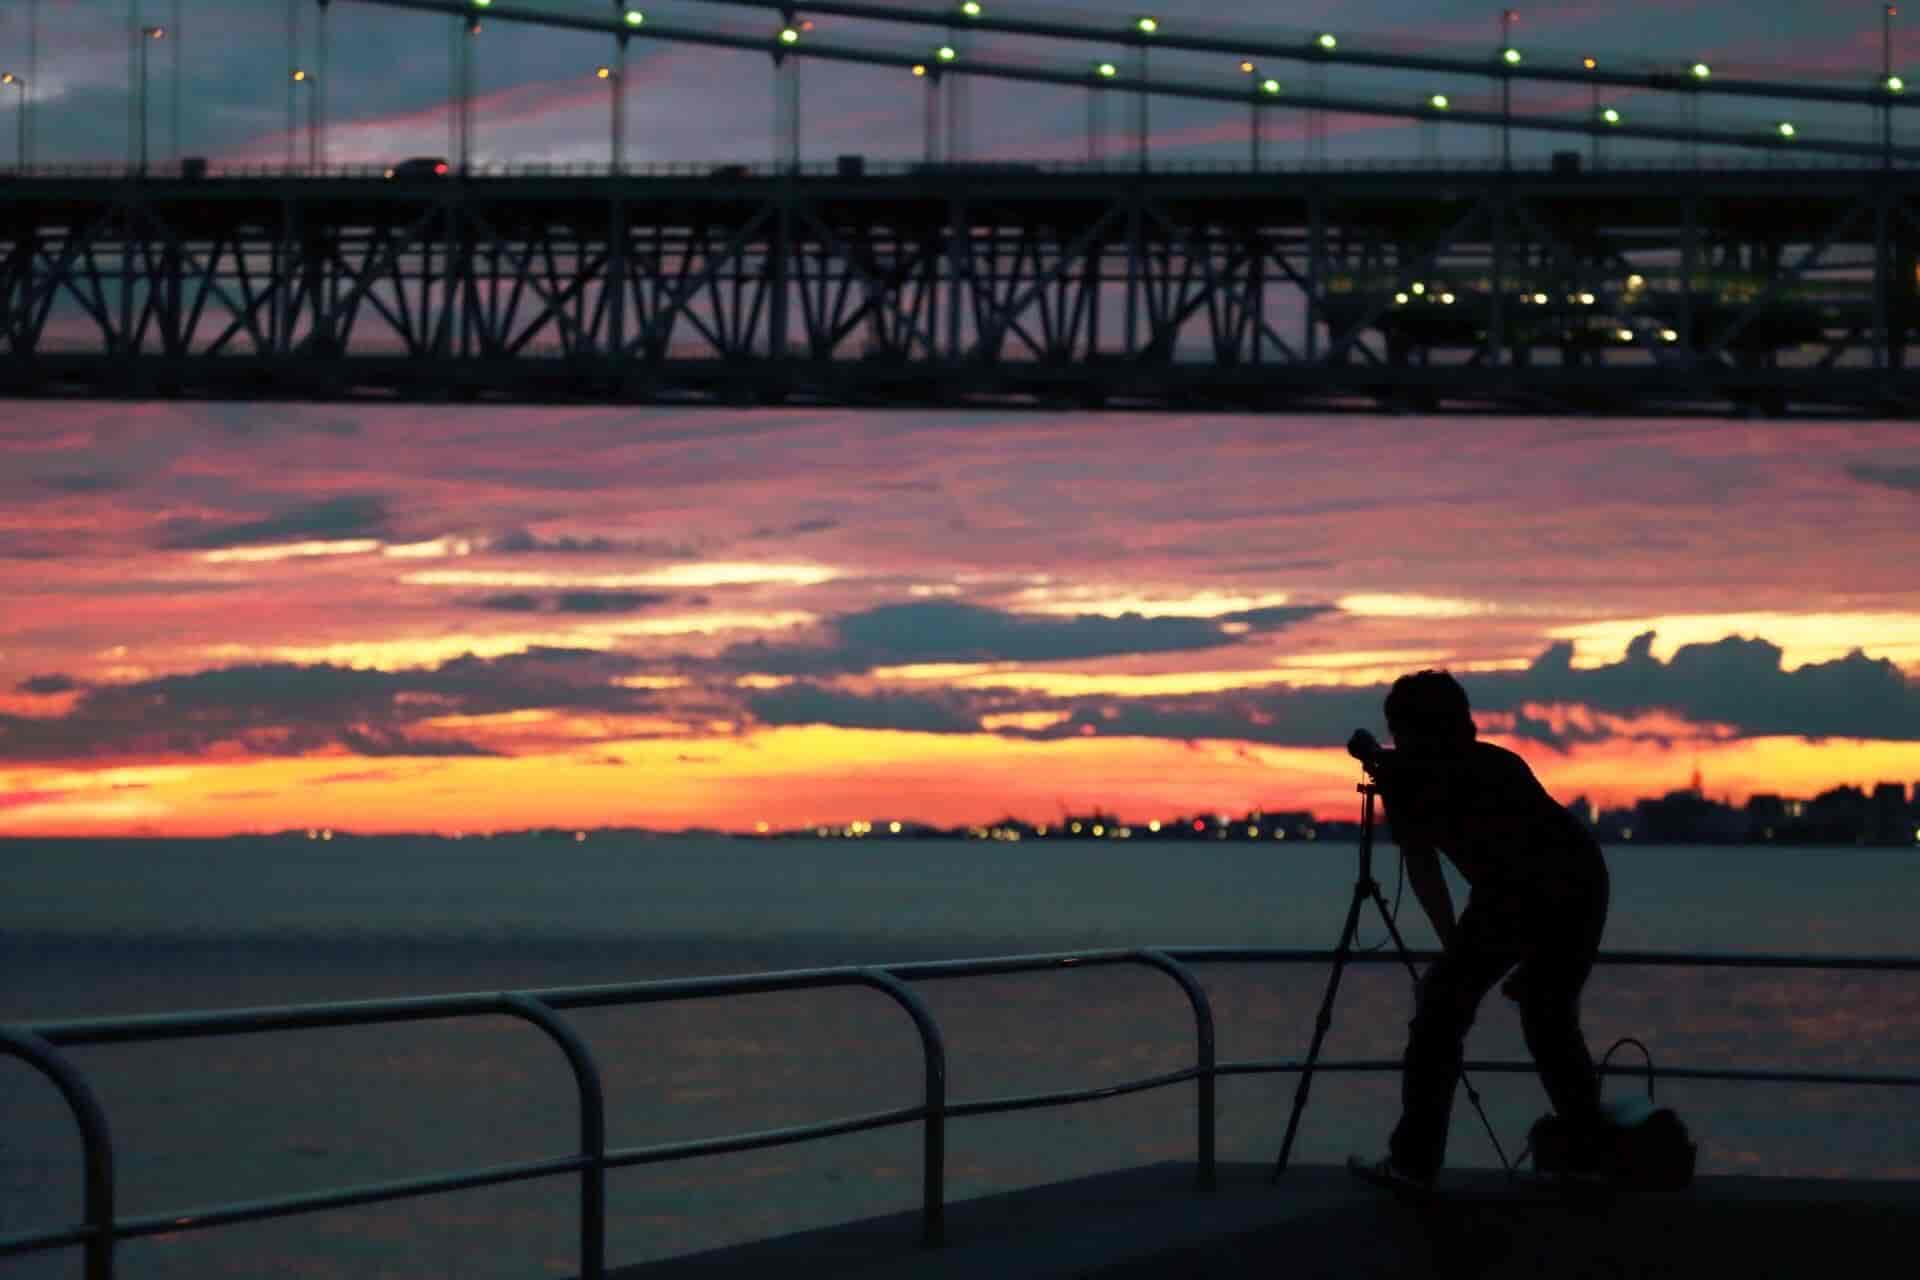 ラブ探偵事務所と他社の千葉県鴨川市での夜間暗視撮影